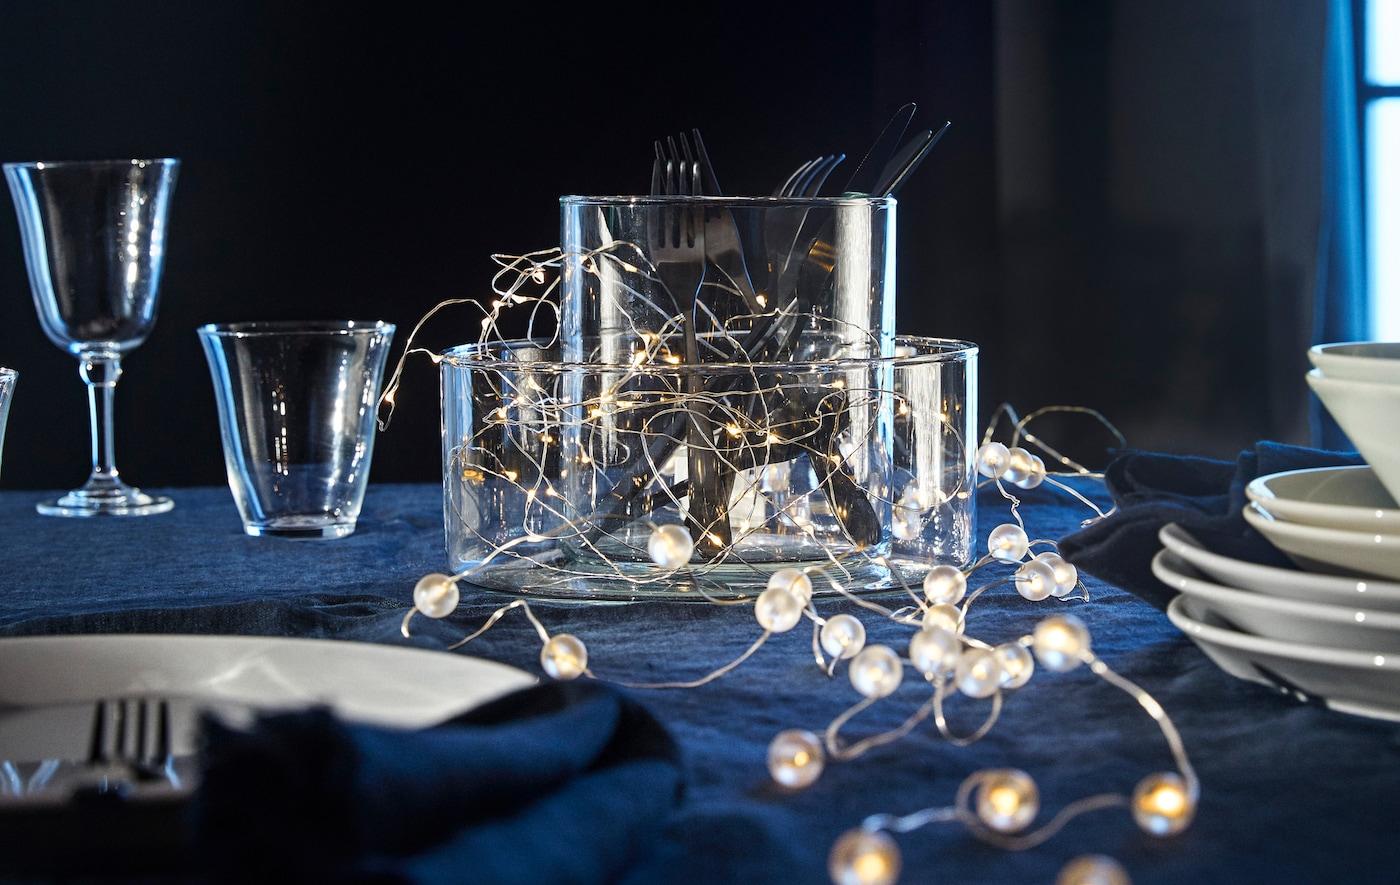 موسم الأعياد على الأبواب! يمكنك إضفاء الإشراق على الغرفة أو الطاولة مع سلاسل الإضاءة التي يمكنها وضعها في أي مكان تقريبًا.